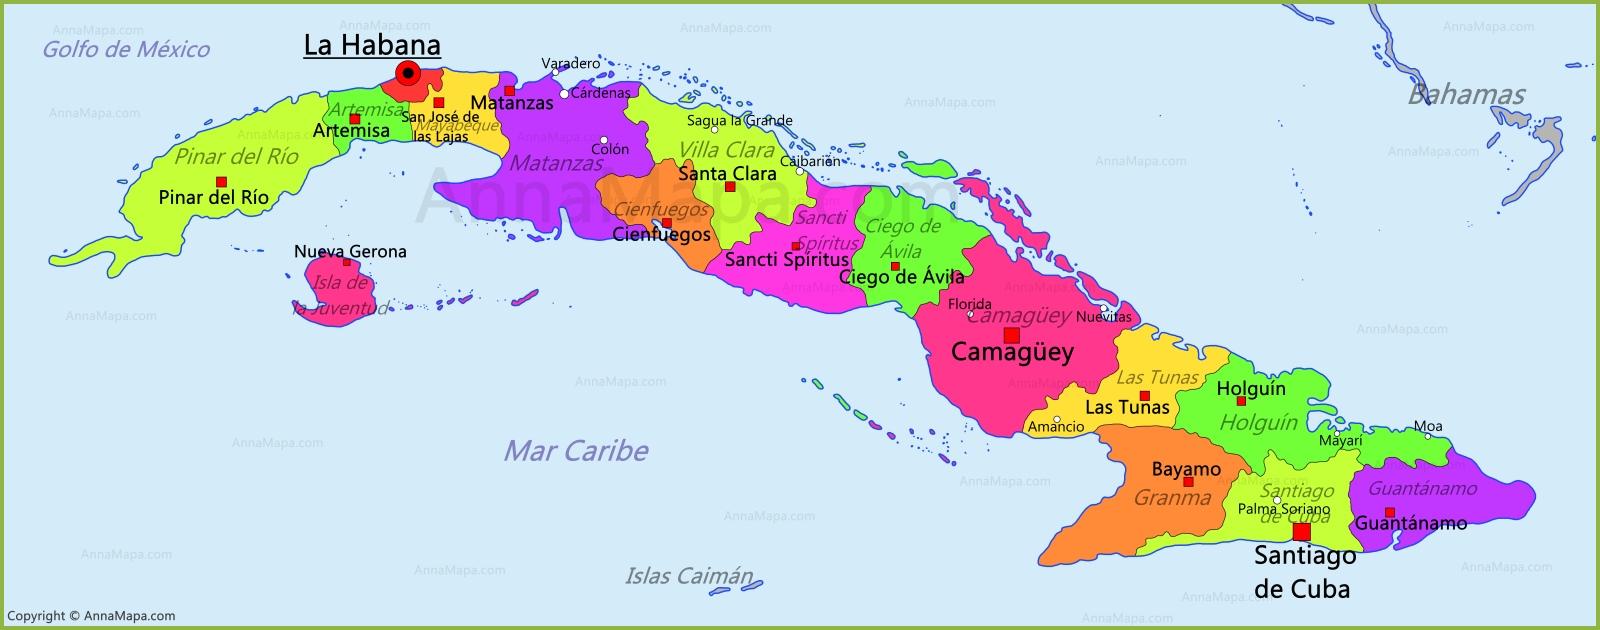 Mapa de Cuba  AnnaMapacom